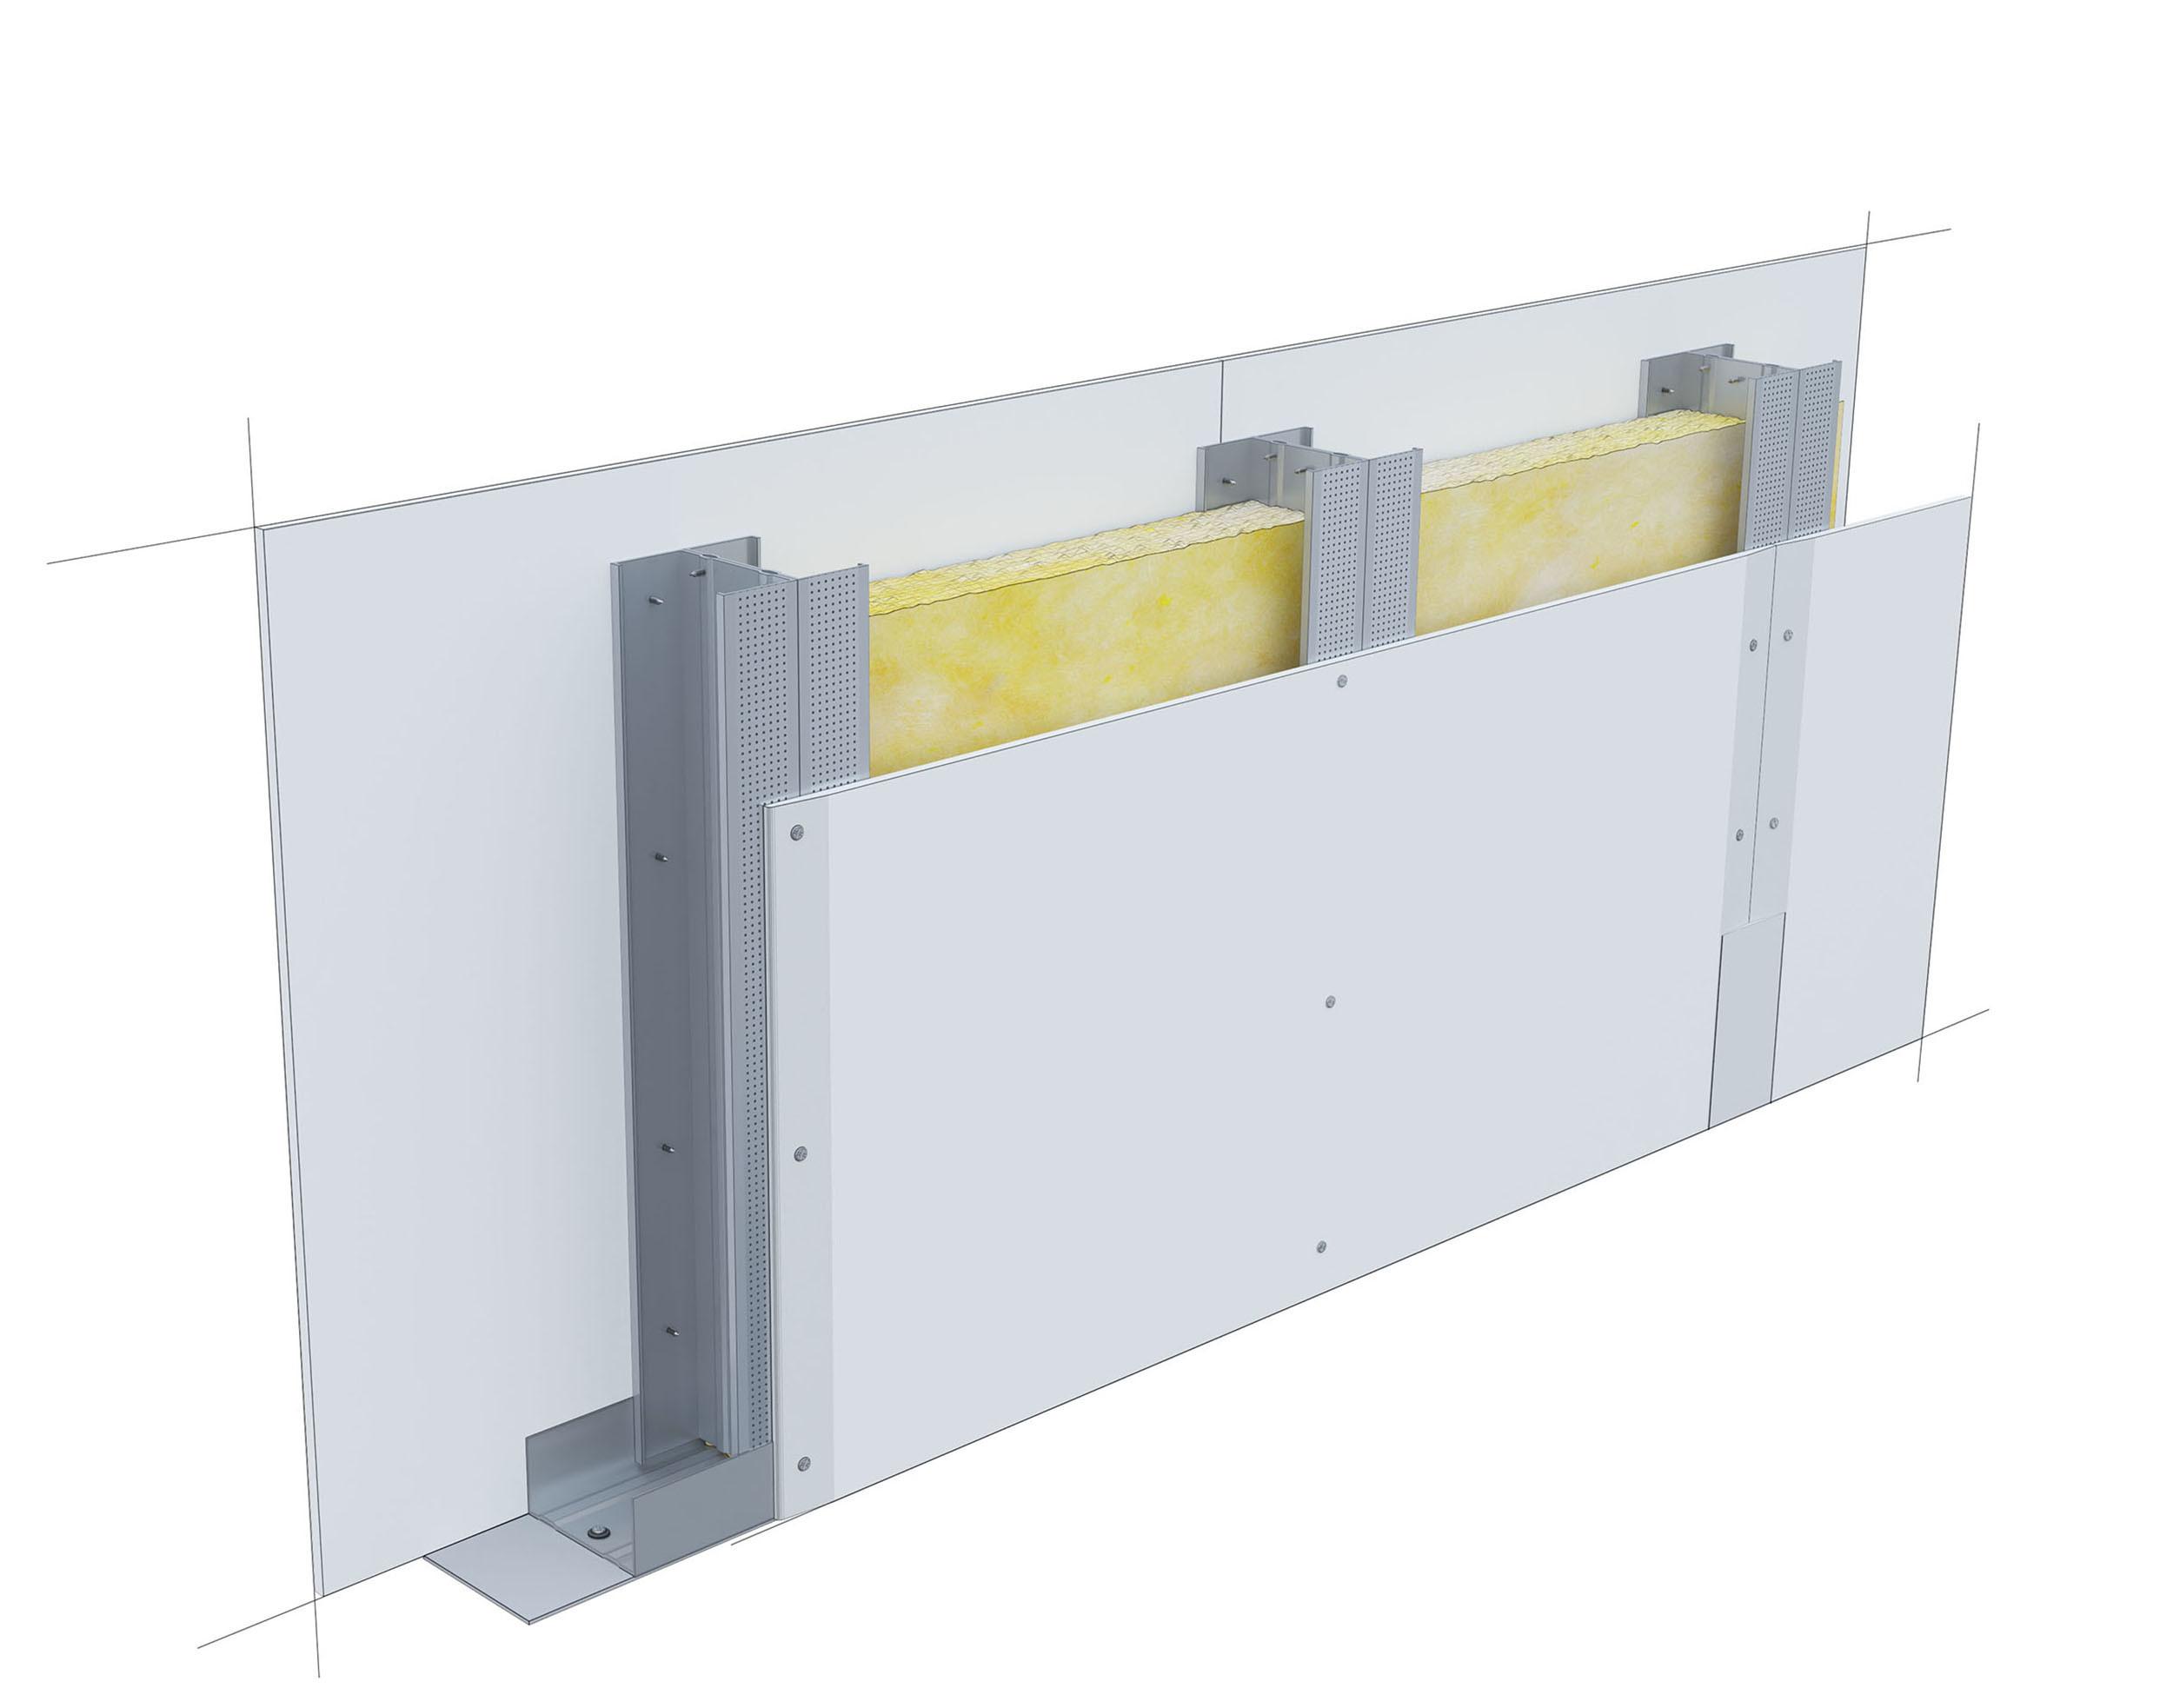 Perete D100, CW75-H@60, 2x1 Standard 12.5 + MW